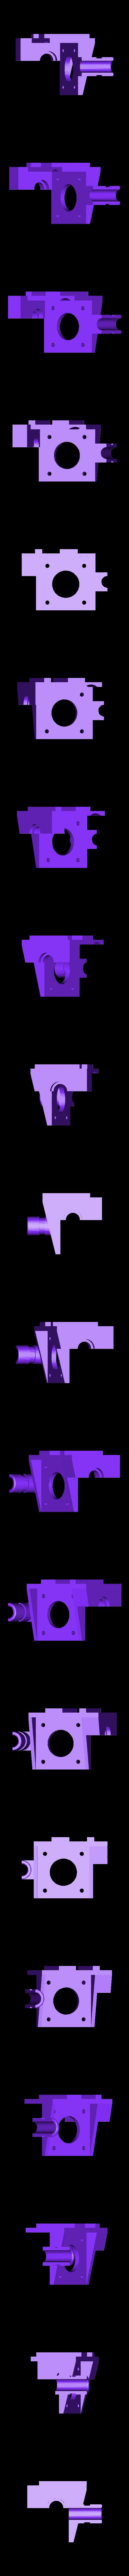 tg-plaque-geeetech.stl Télécharger fichier STL gratuit Geeetech Prusa i3 Pro B - Kit de migration E3Dv6 • Design pour impression 3D, abojpc